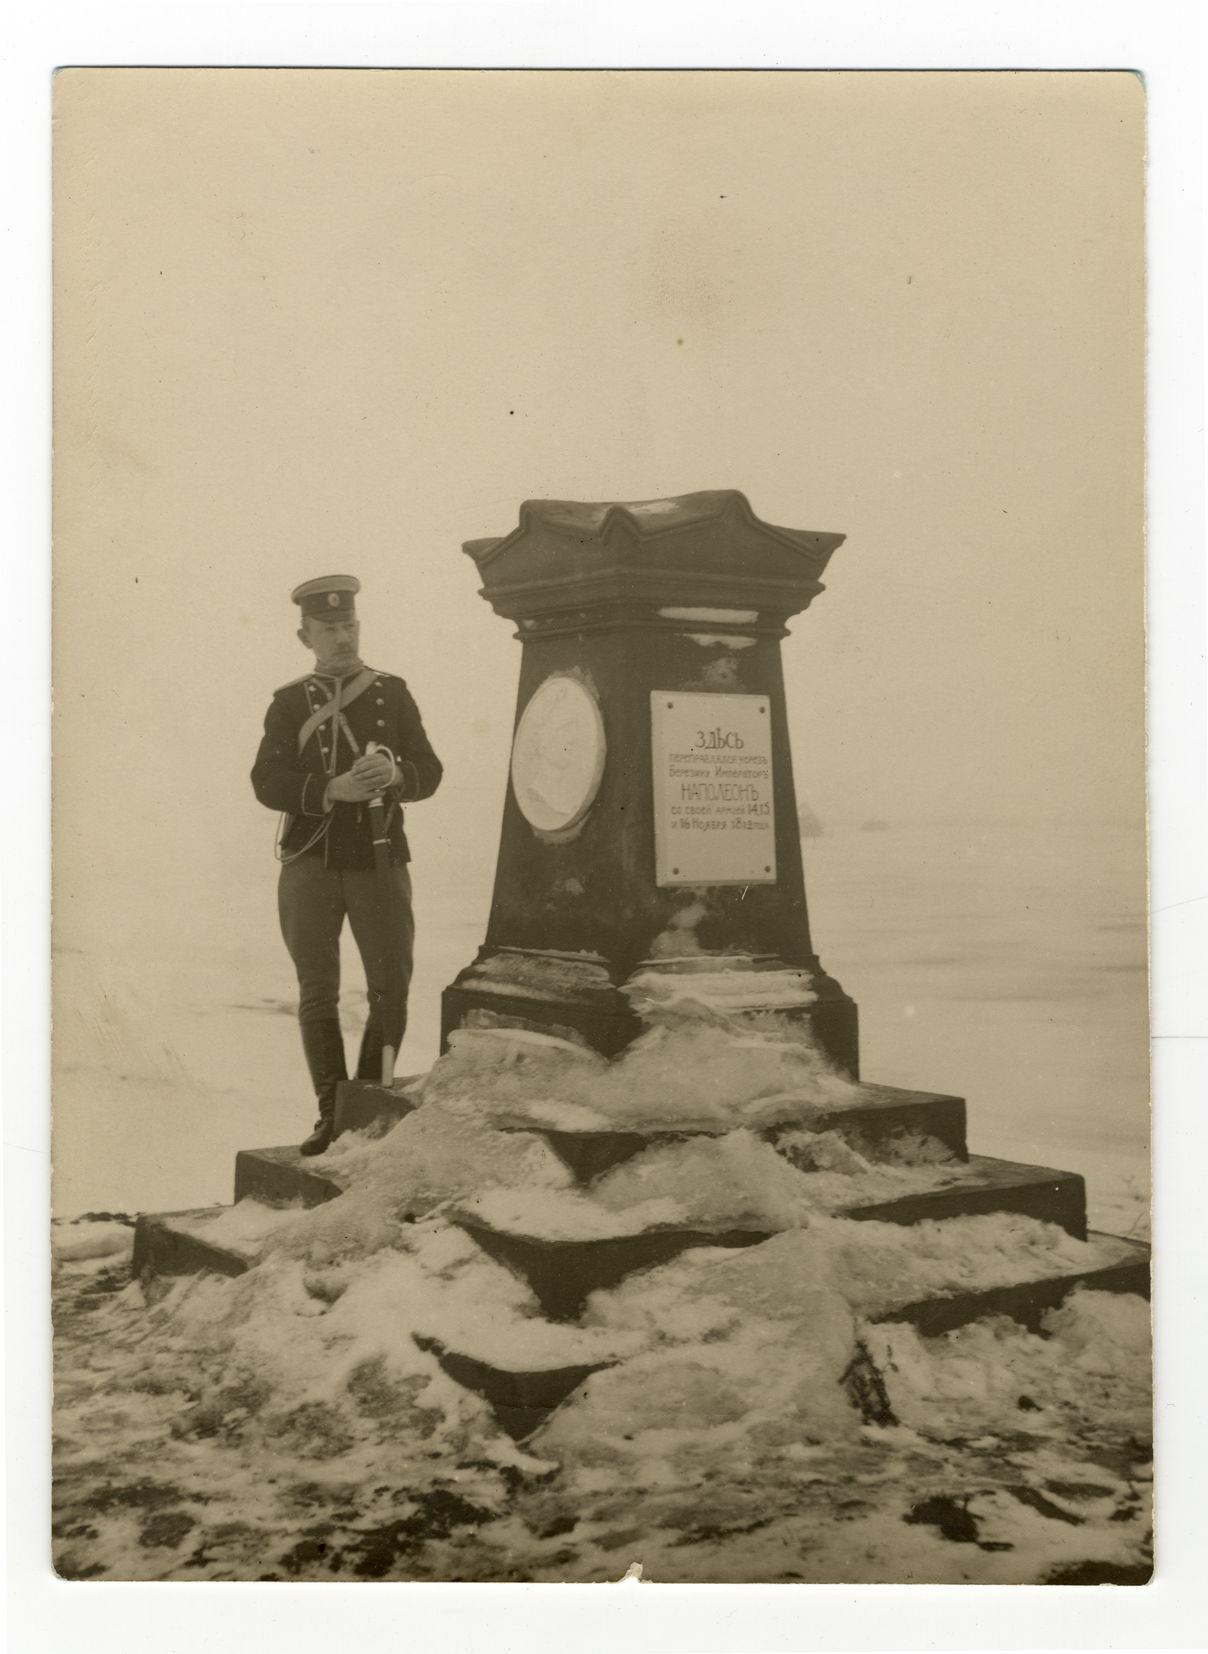 Николай Васильевич Зарецкий у памятника на месте переправы Великой армии через реку Березину Фото 14 ноября 1901 г.